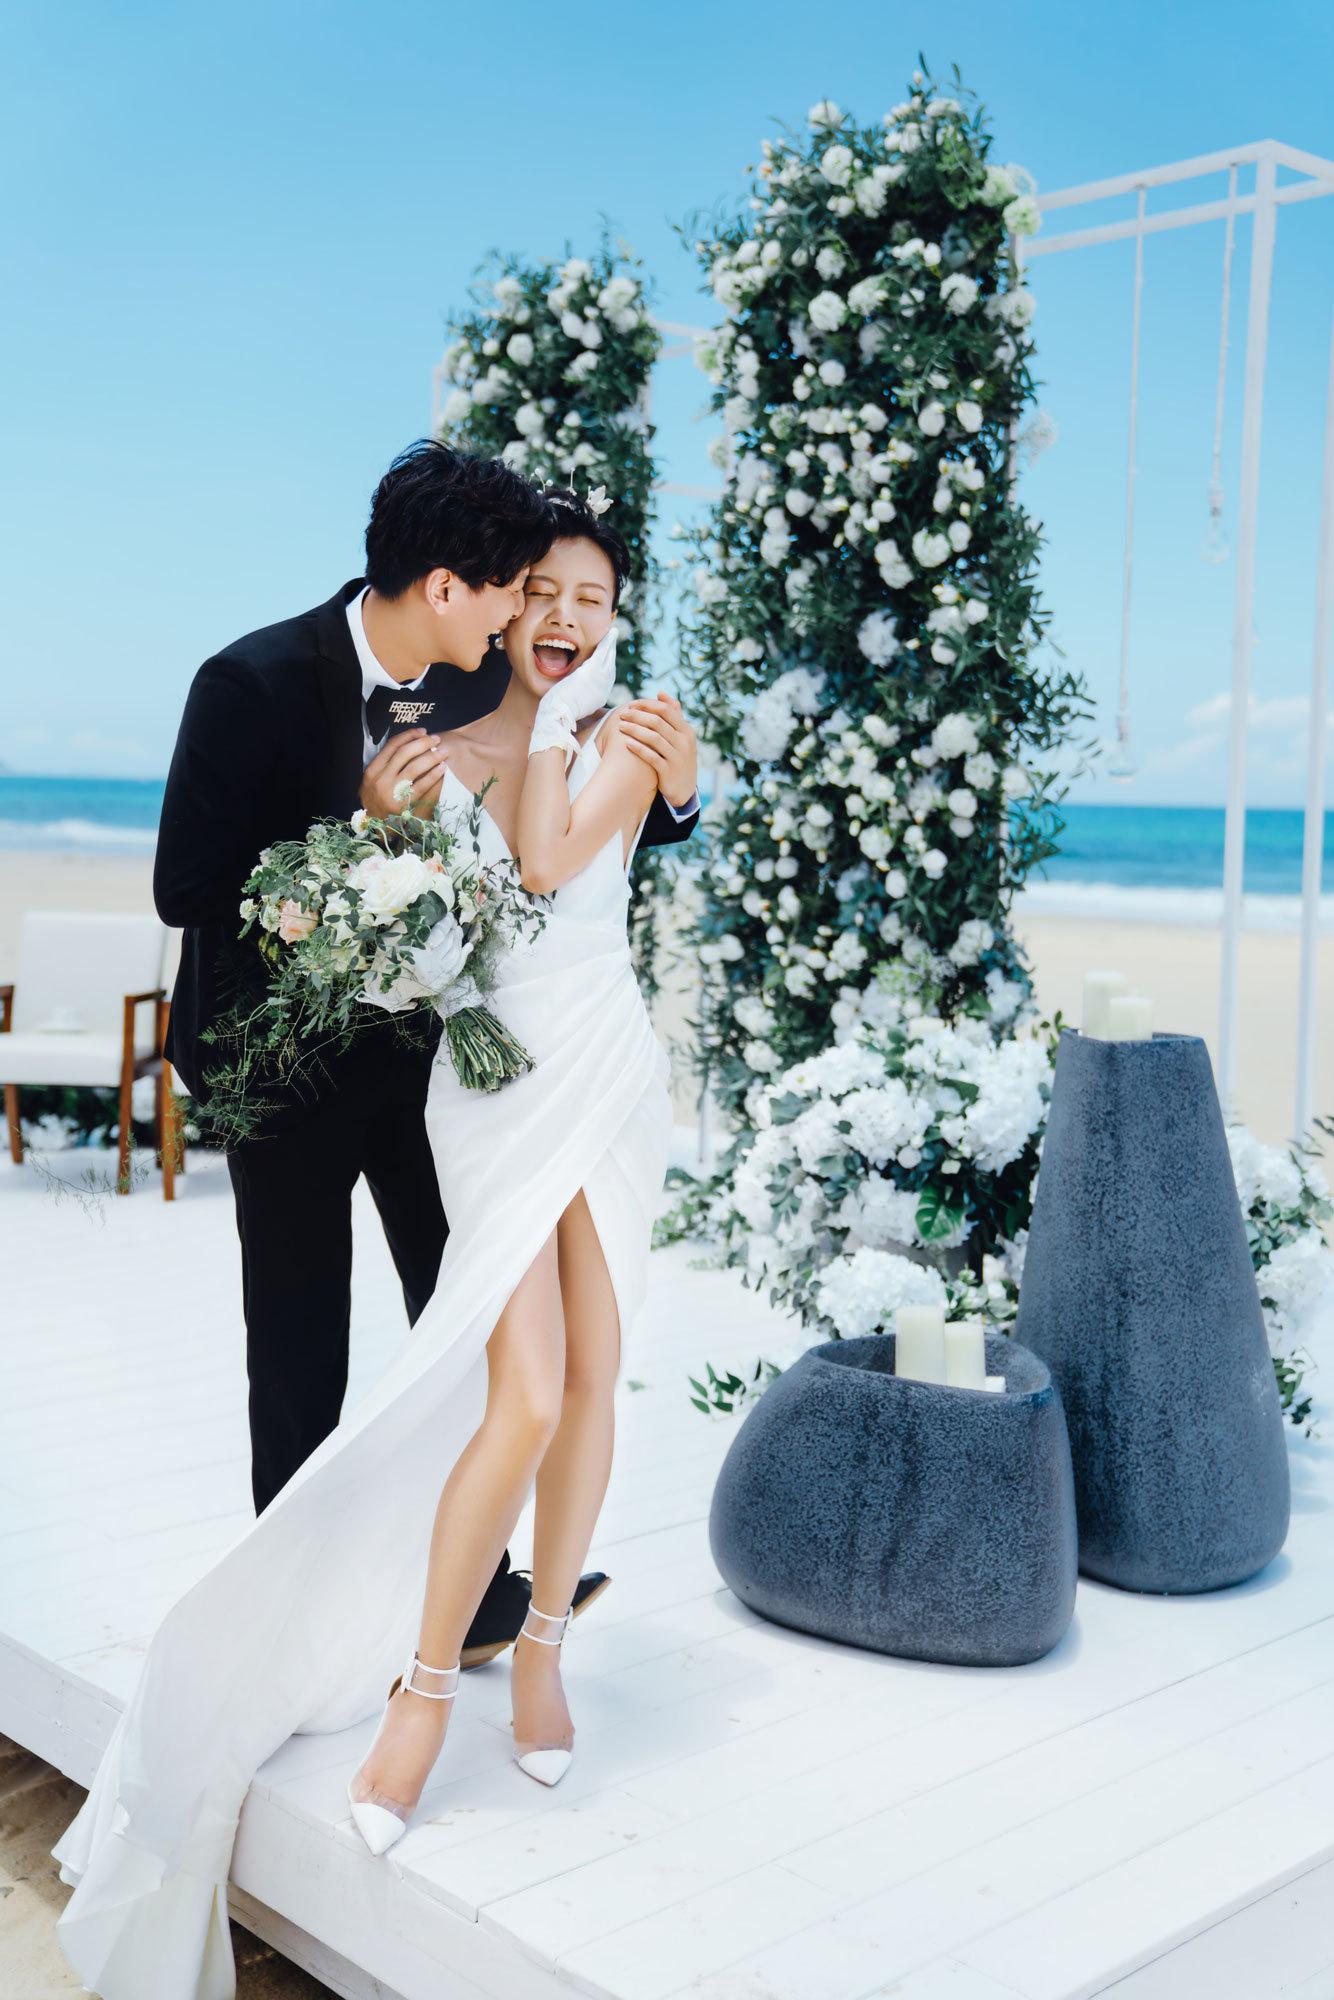 超丰富的甜蜜婚礼时间表 新人备婚必心�貉凵癜档�备